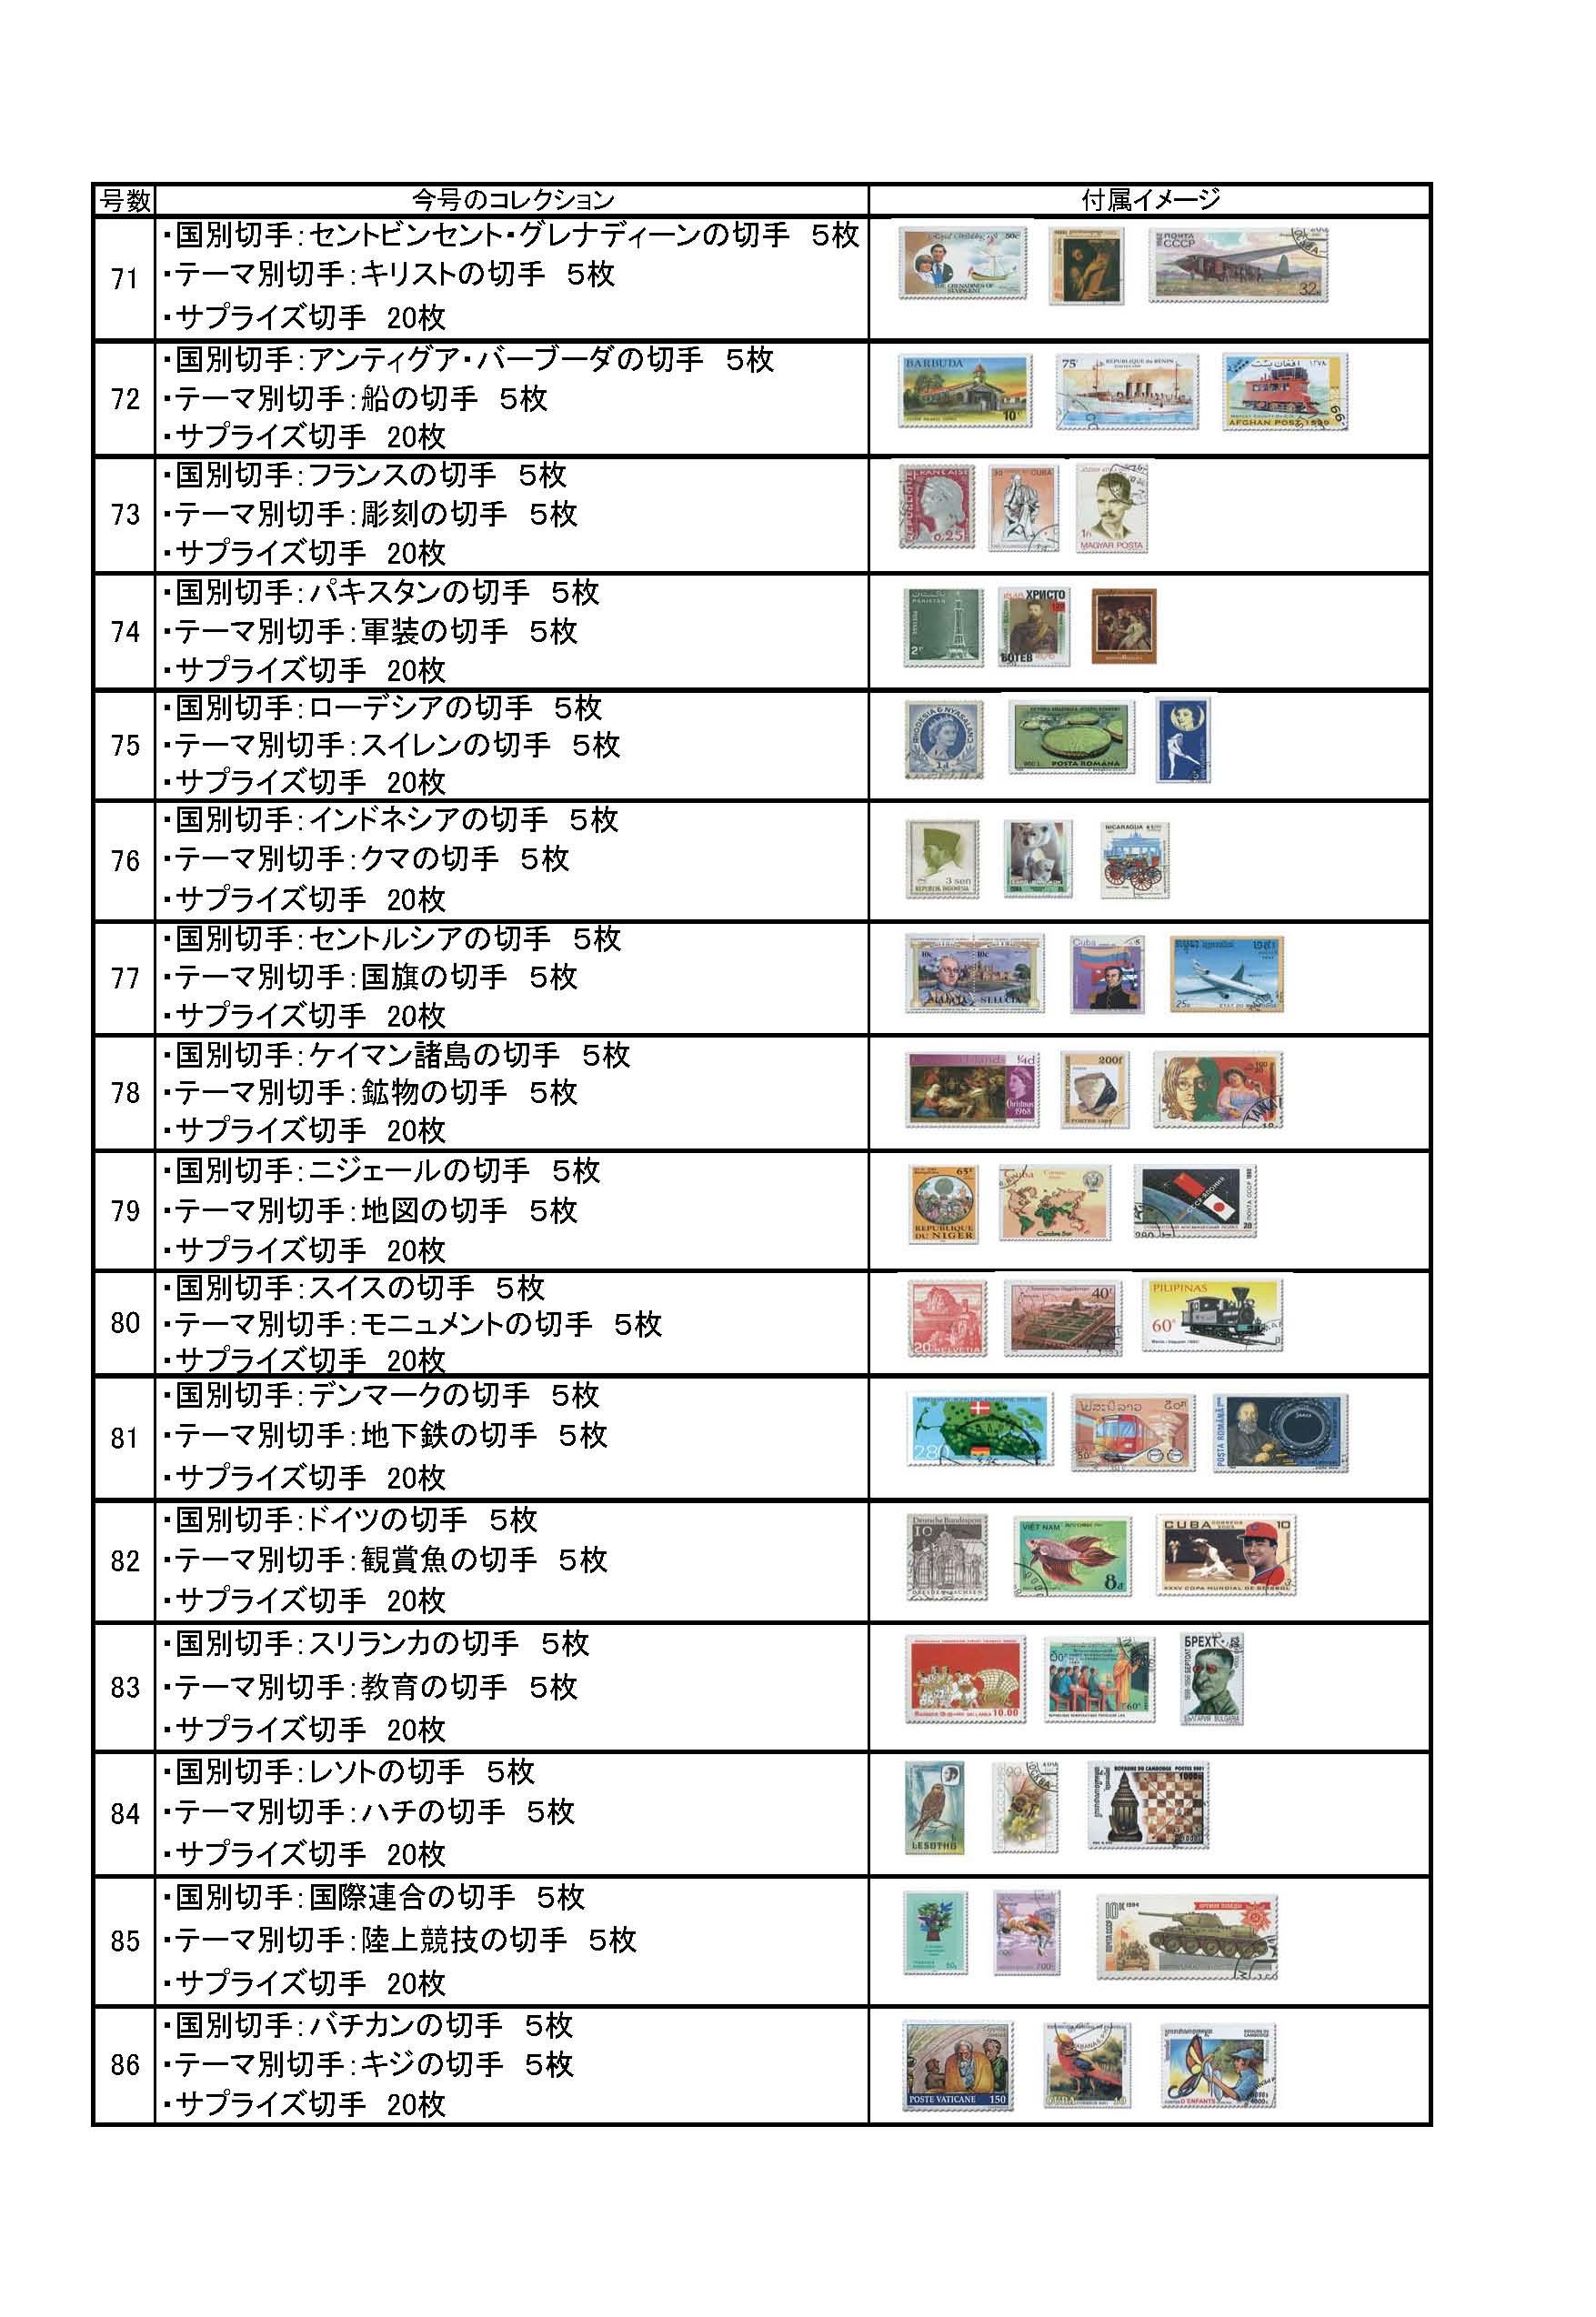 付属切手ラインナップ_20170817 (1)_ページ_06.jpg